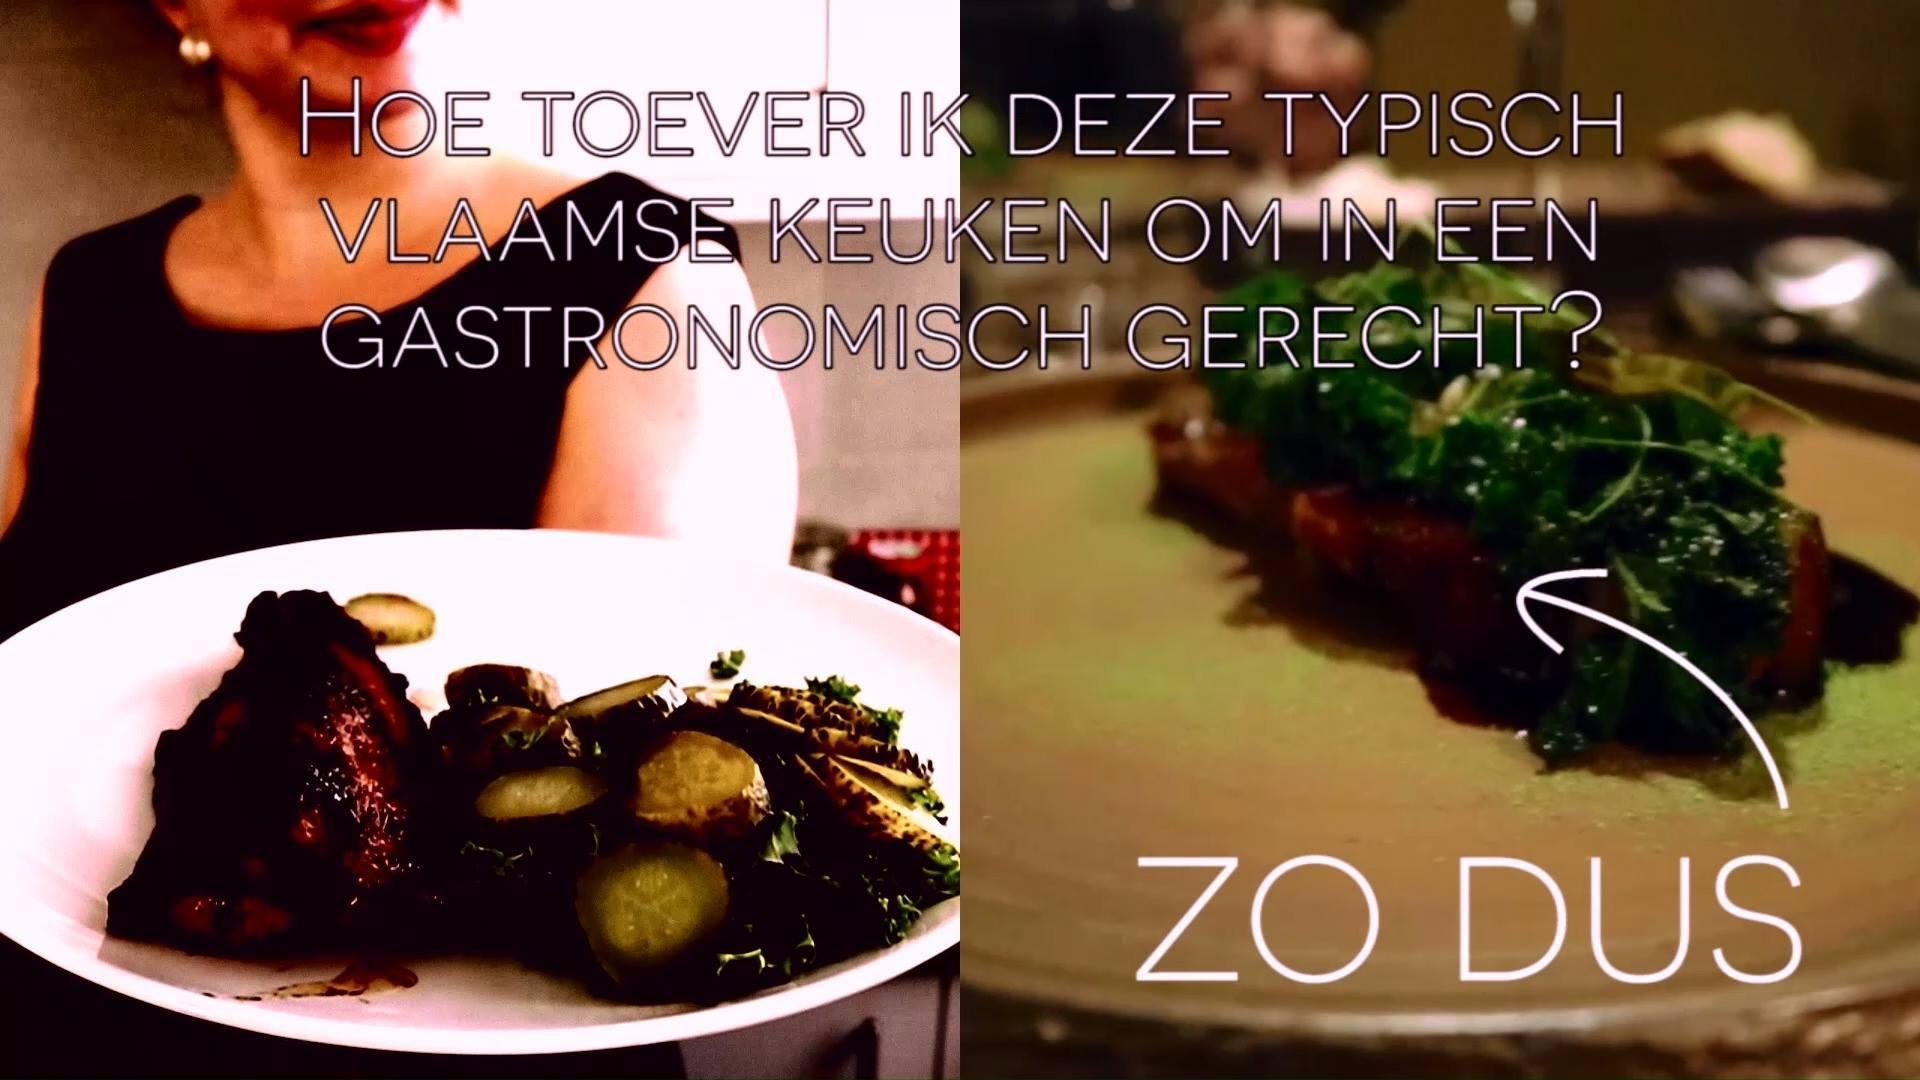 Typisch Belgisch, is dat ook culinair hoogstaand?